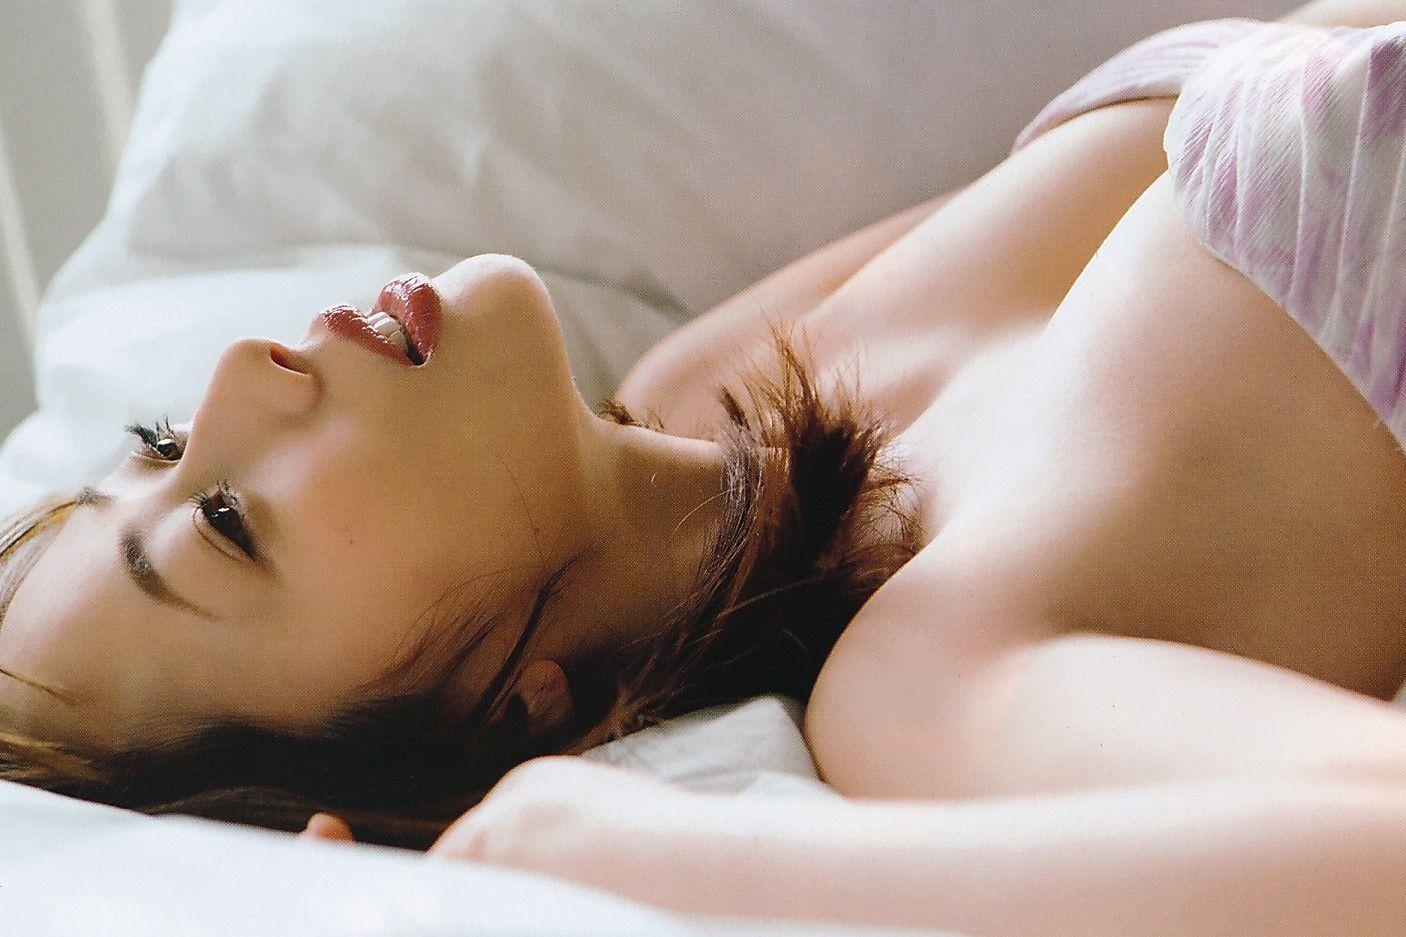 産後の井上和香(35)母乳おっぱいが凄い事になってるww